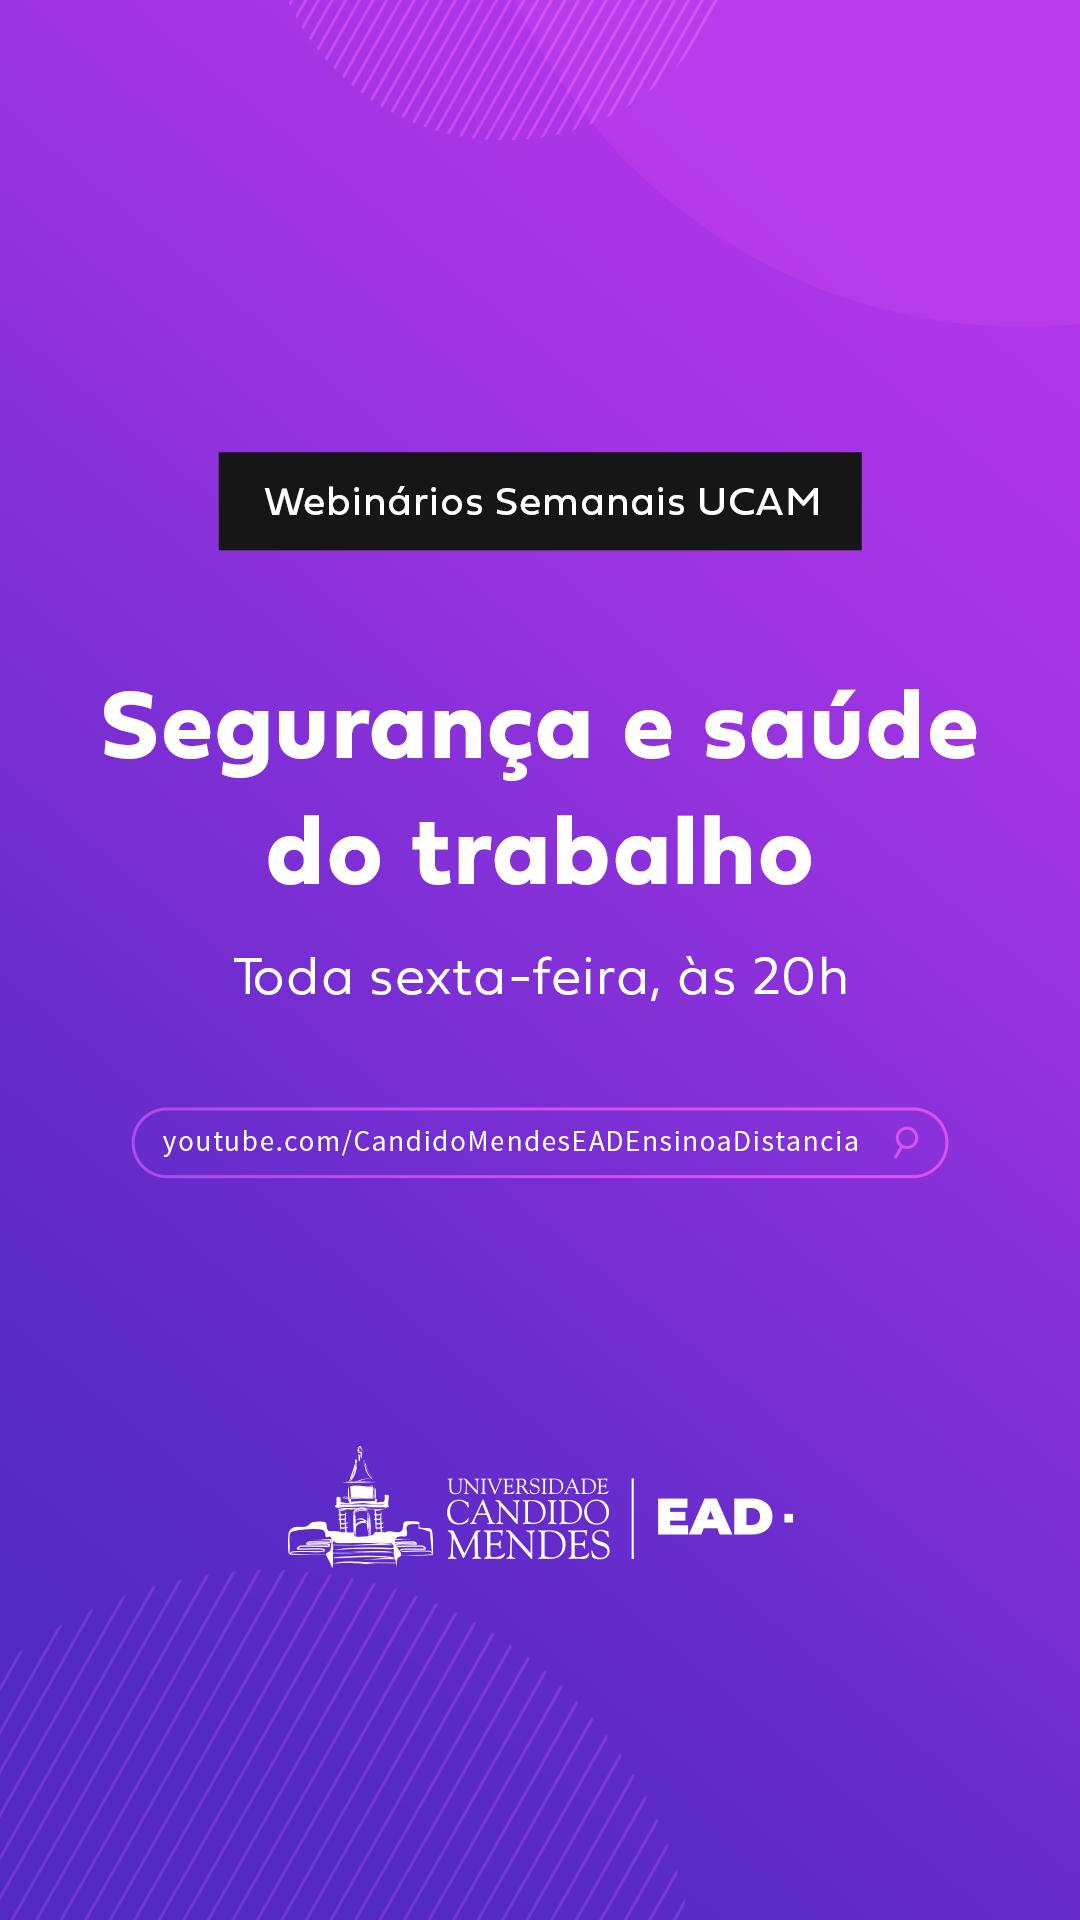 Webinários Semanais UCAM – Segurança e saúde do trabalho